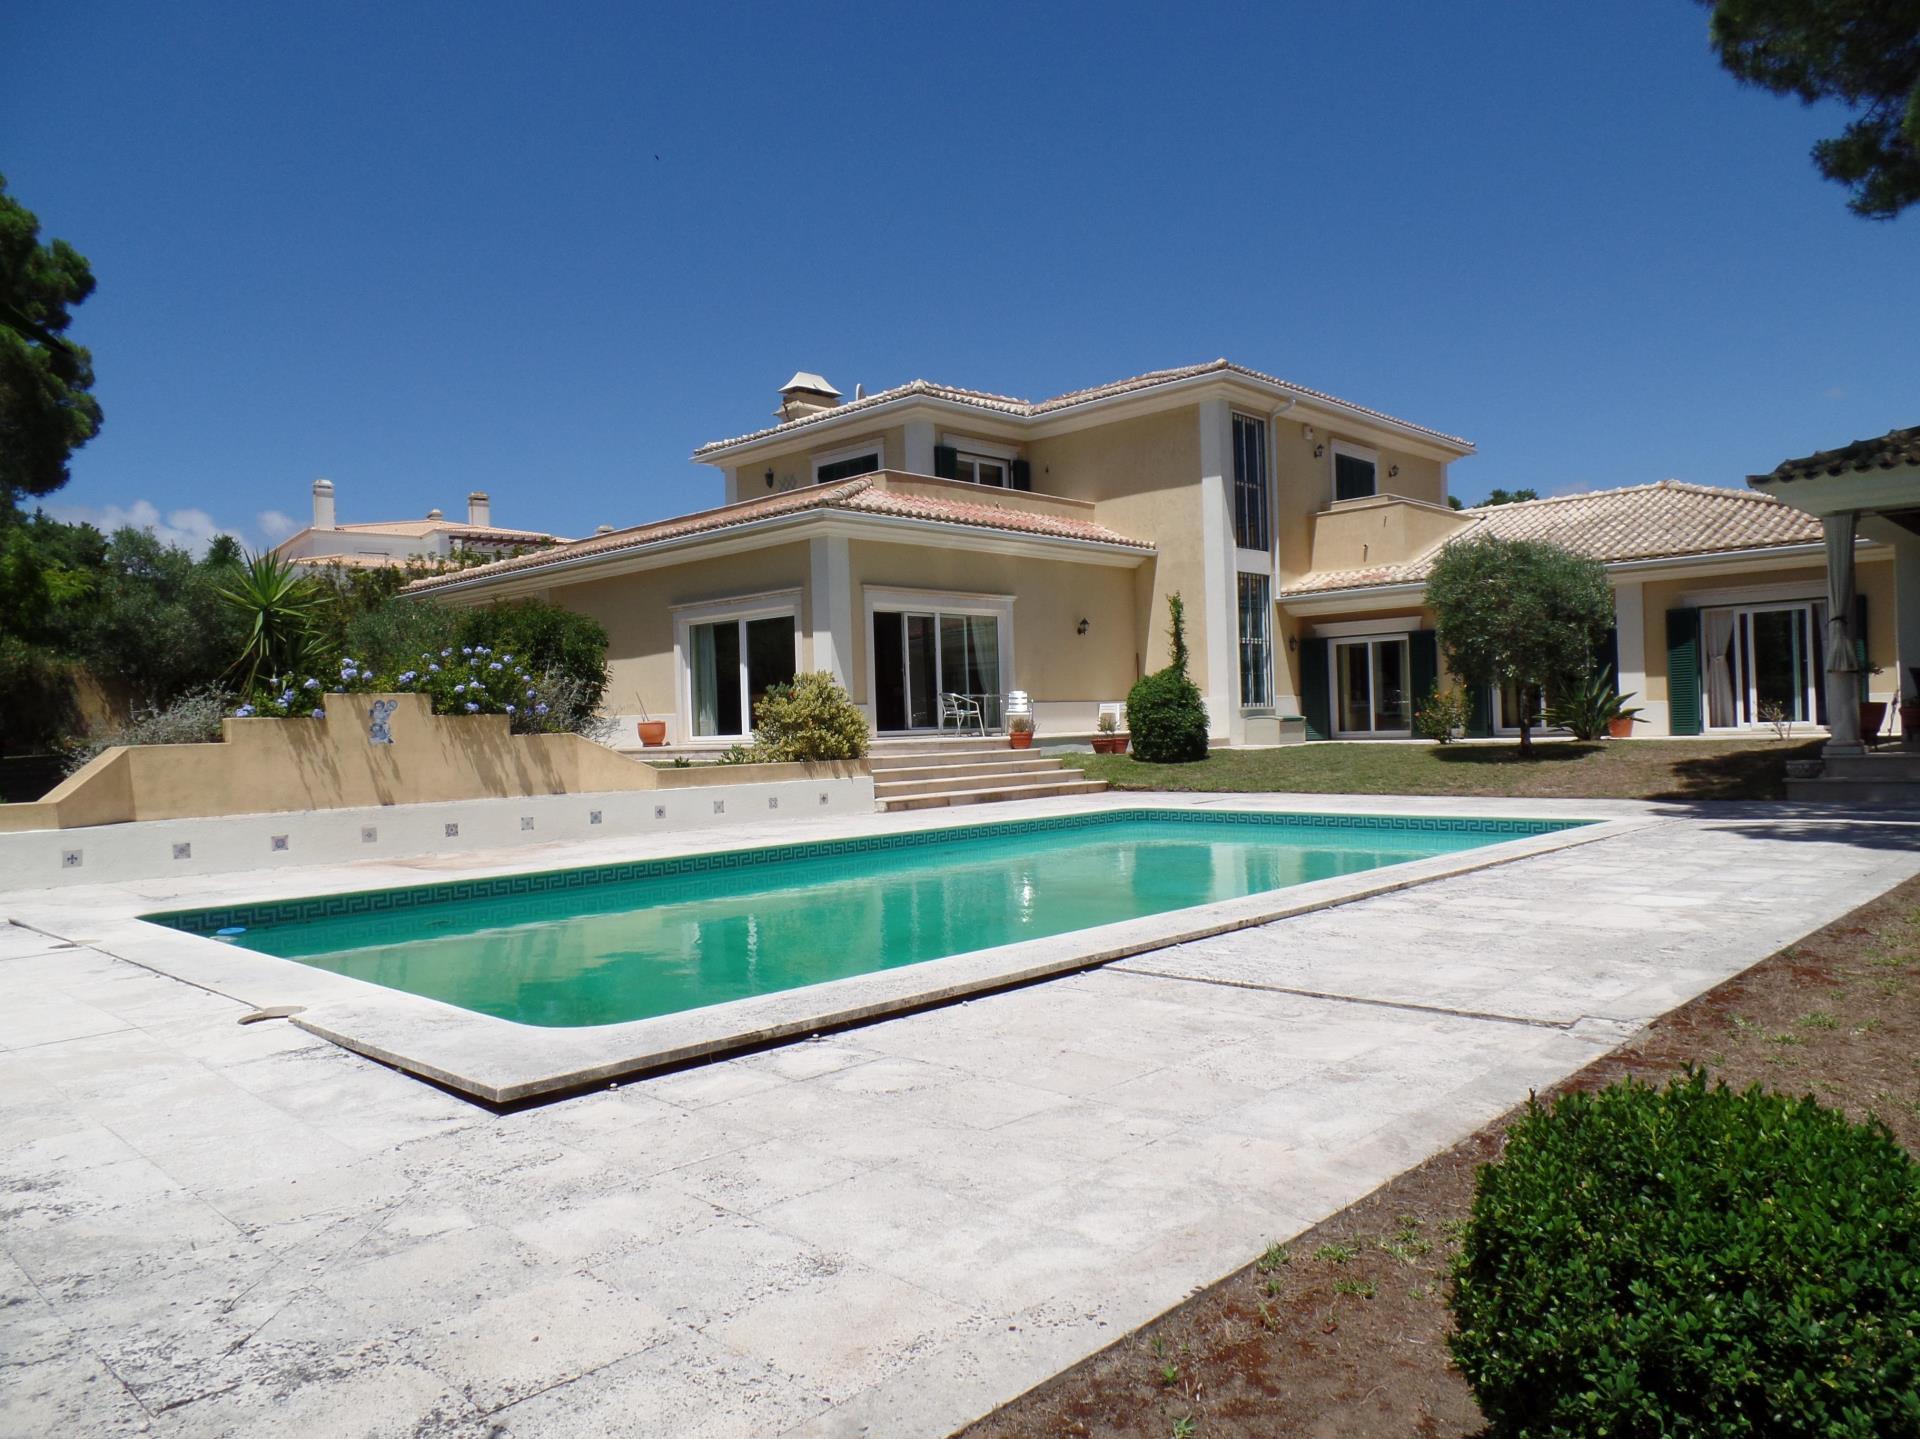 Maison unifamiliale pour l Vente à Detached house, 4 bedrooms, for Sale Cascais, Lisbonne Portugal